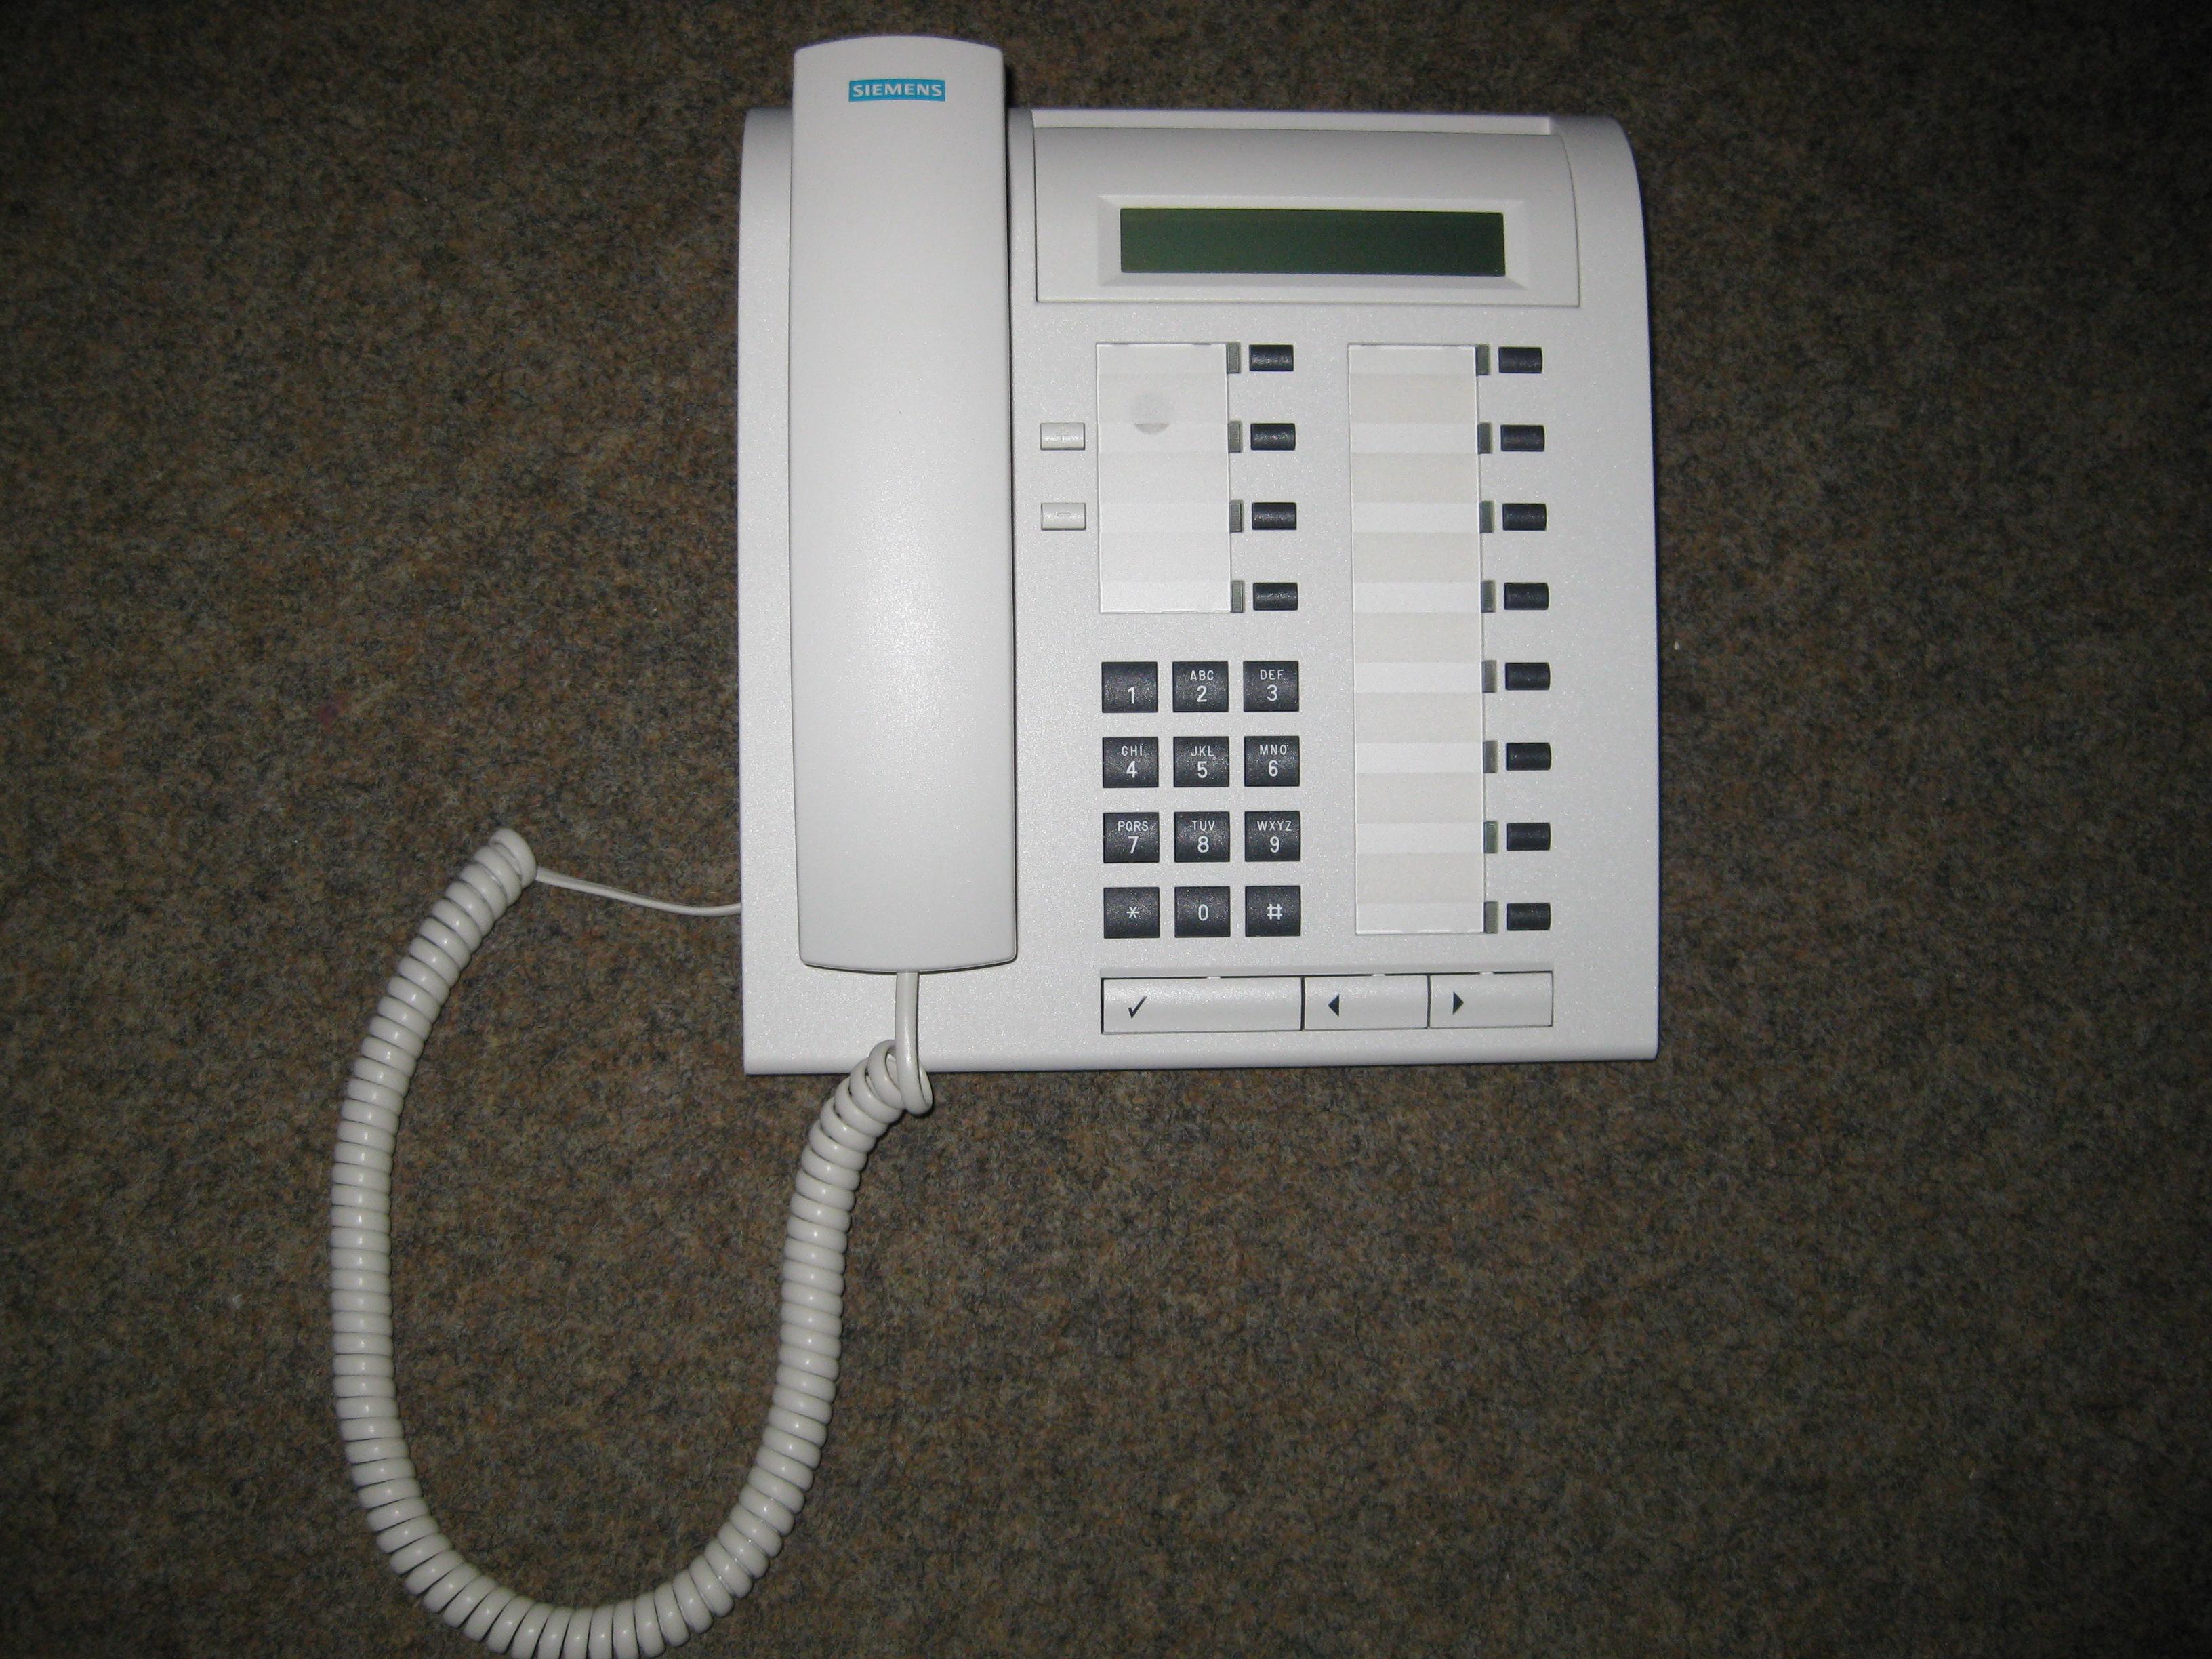 Optiset E Advance Plus WIE NEU für Siemens Hicom//Hipath ISDN ISDN-Telefonanlage